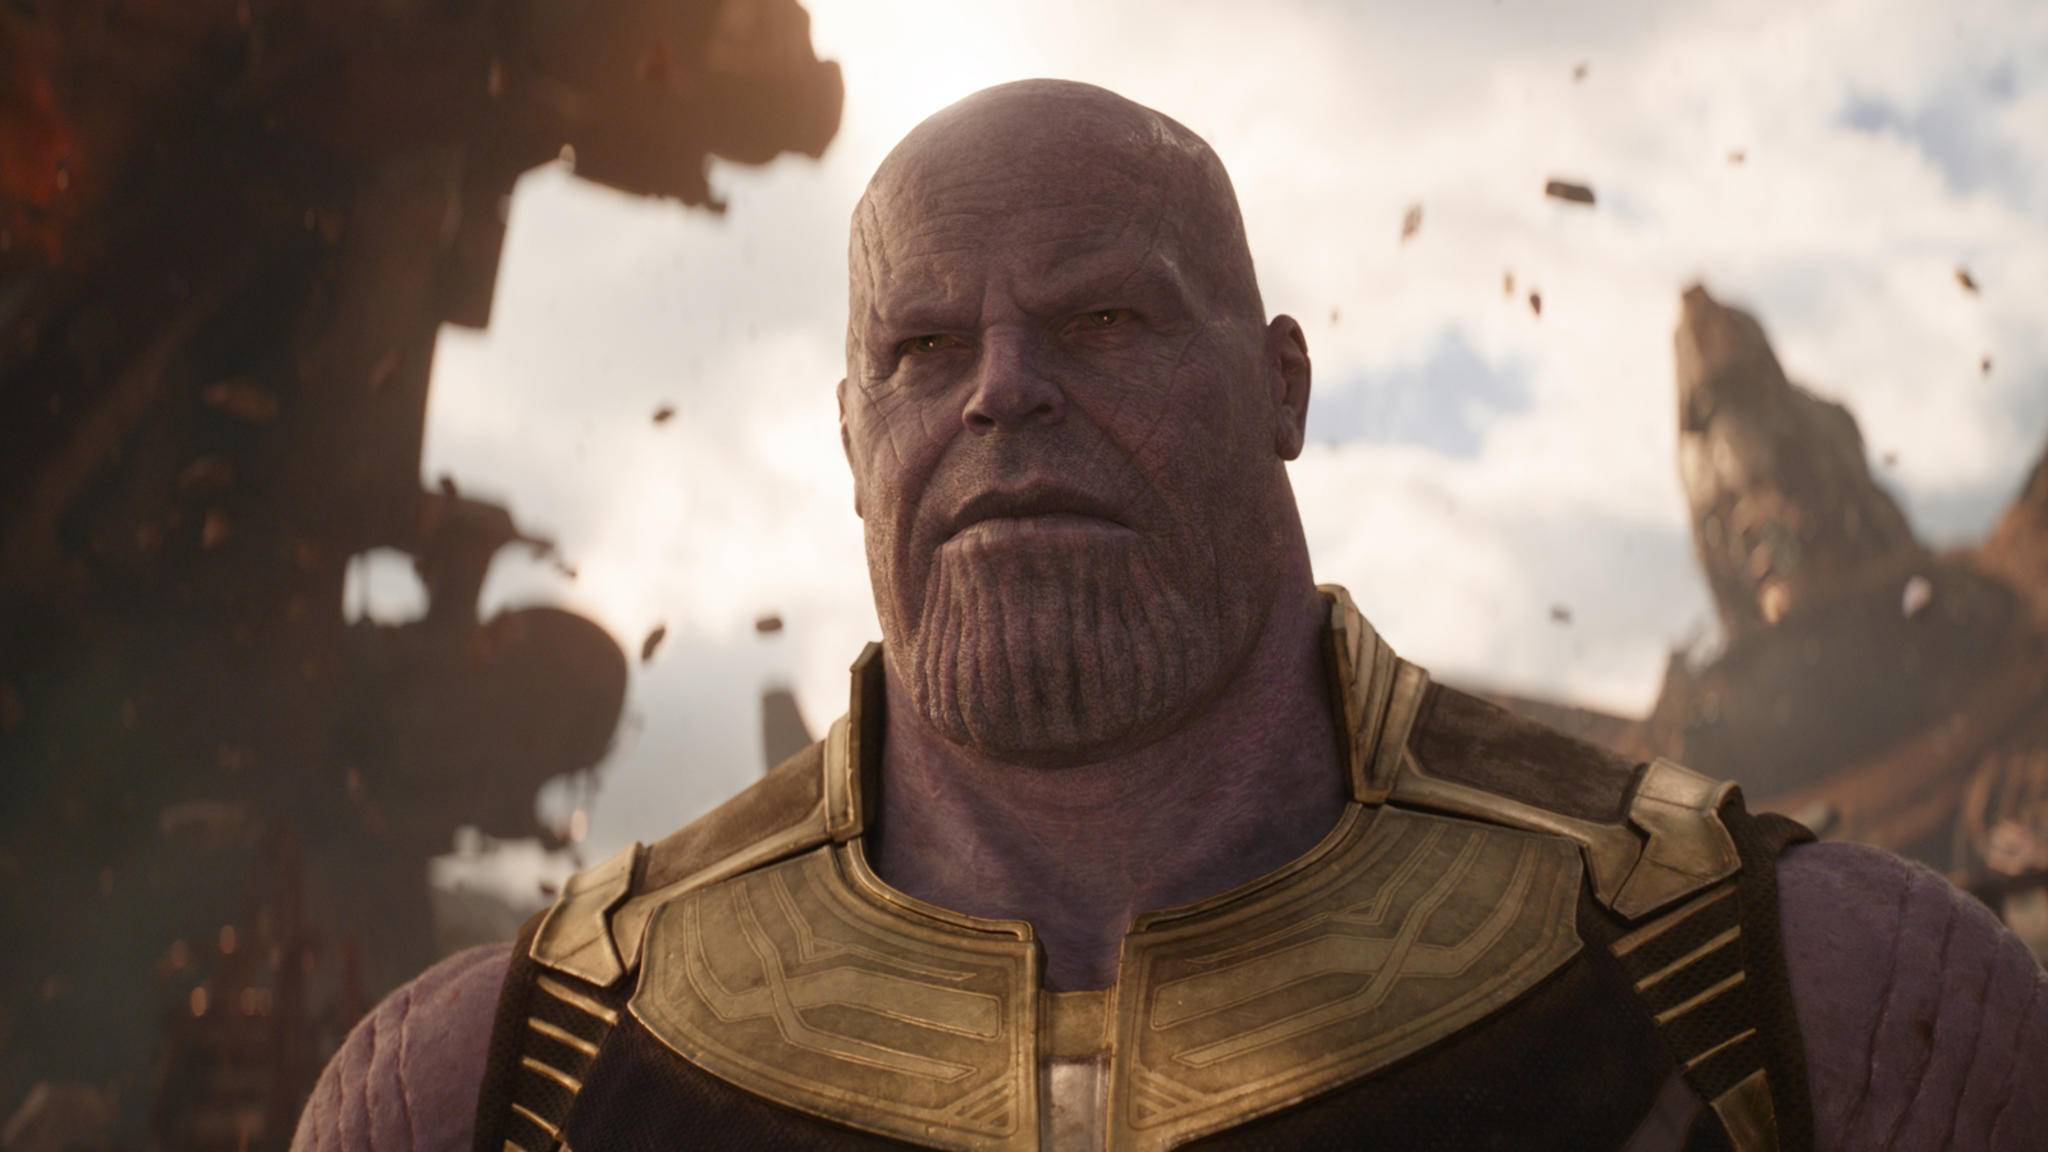 Oh Snap! Thanos schlägt jetzt auch auf Reddit zu.